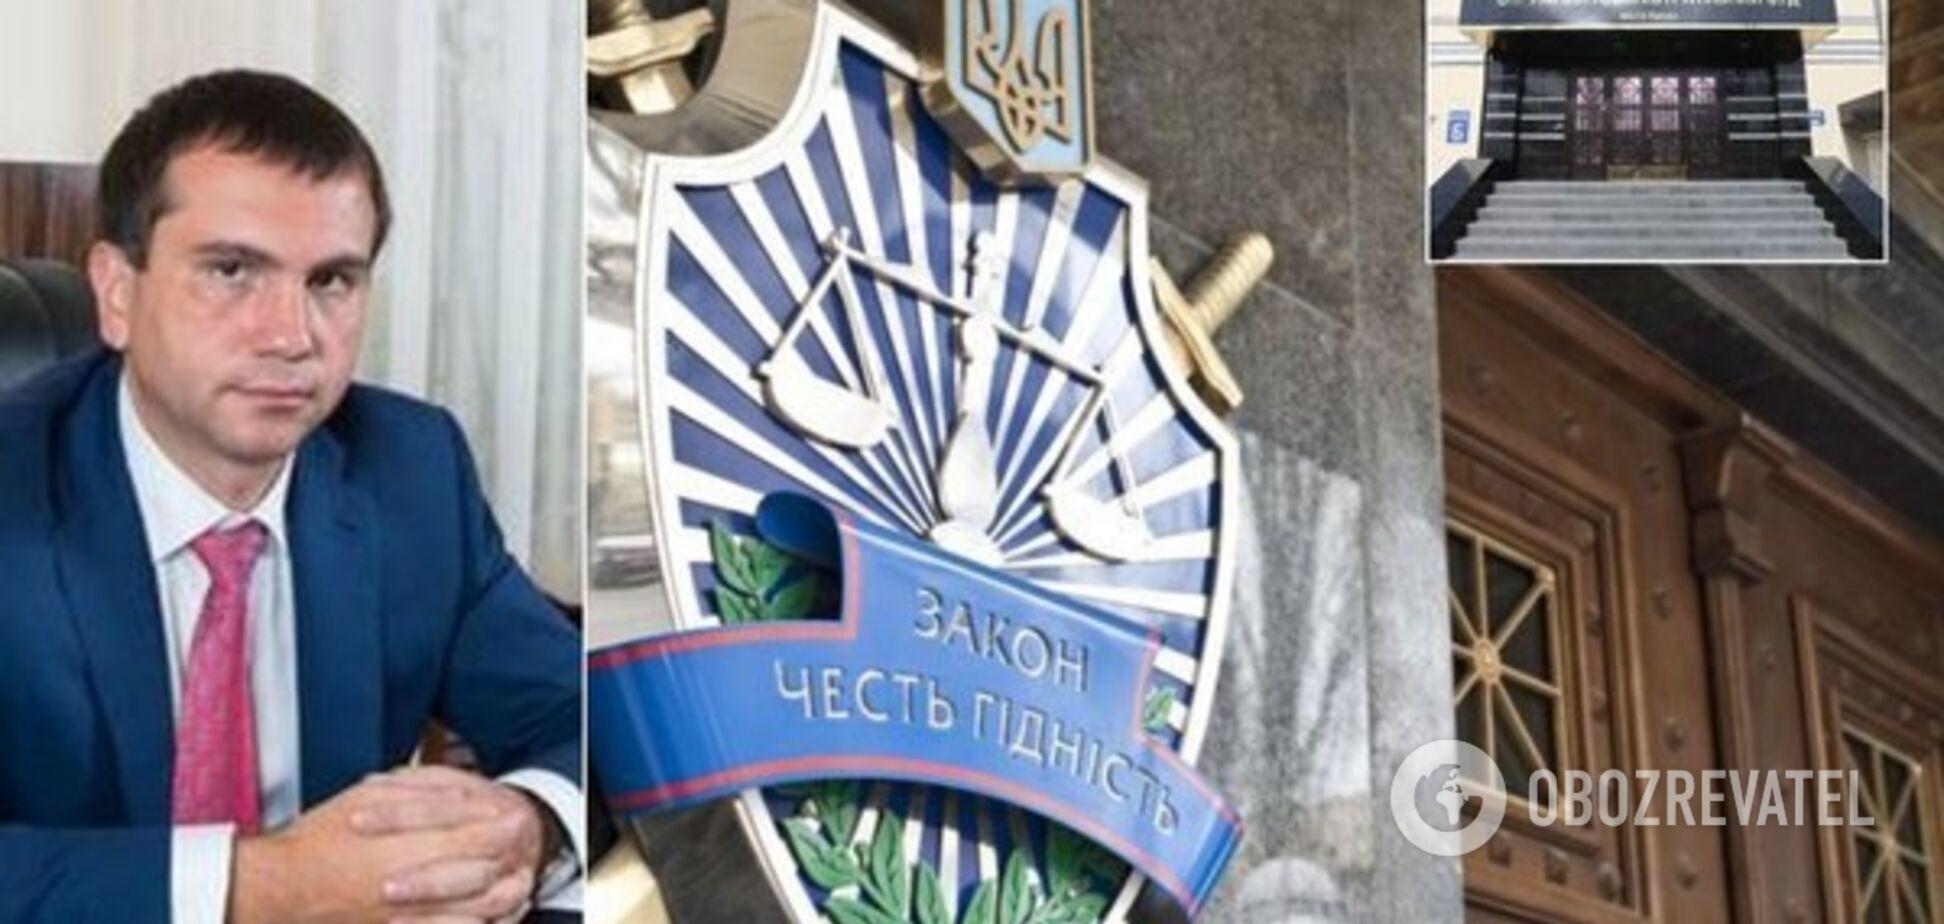 Голова Окружного адмінсуду Києва Вовк раптово подав у відставку